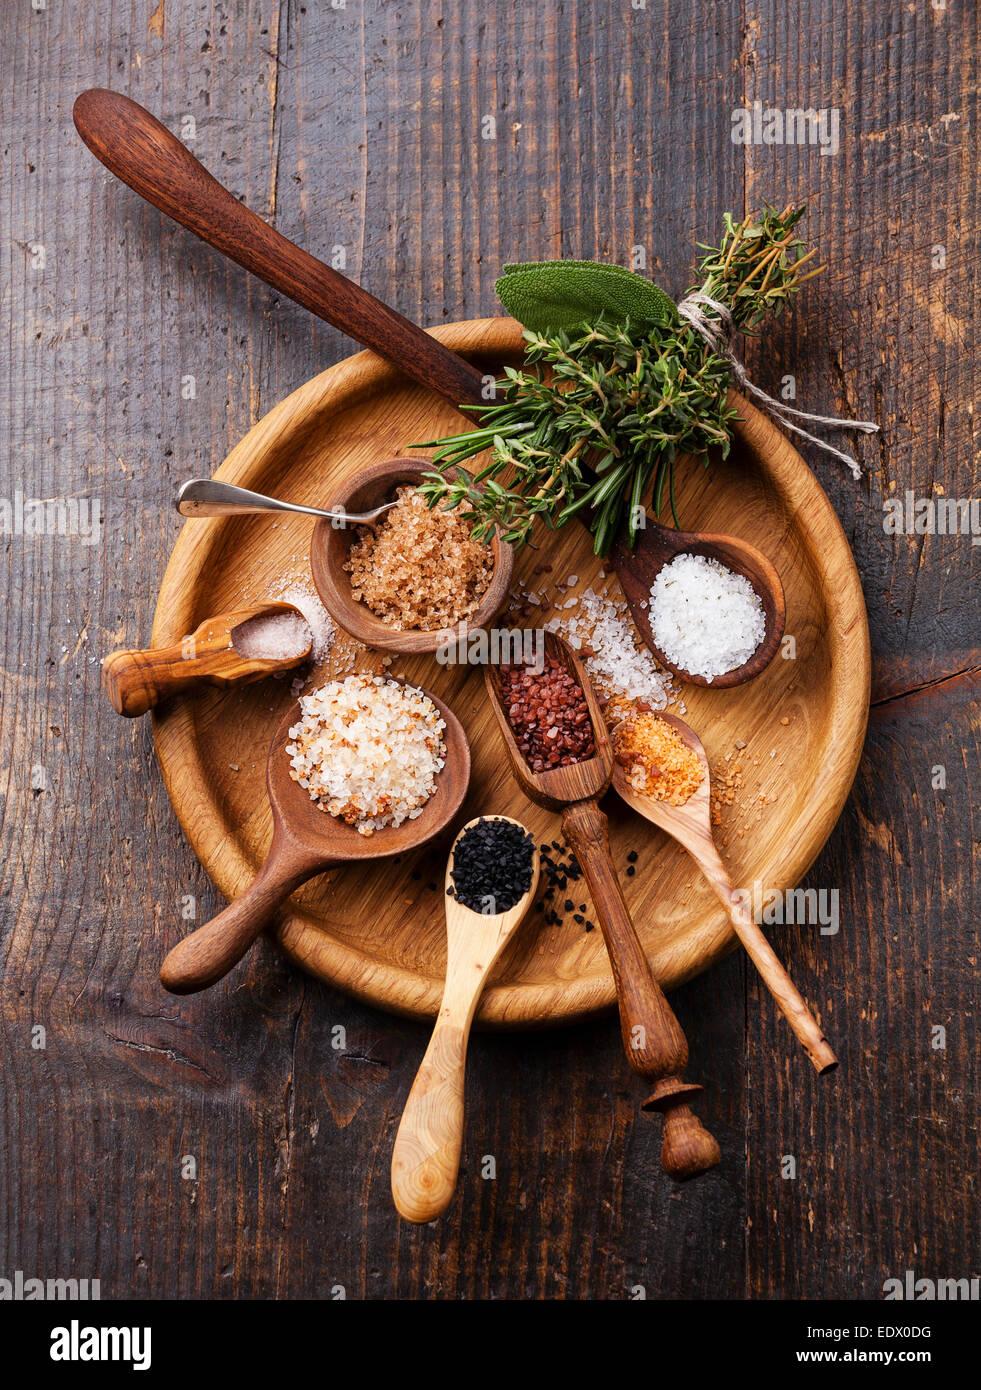 Diversi tipi di alimenti sale grosso in cucchiai di legno su sfondo scuro Immagini Stock